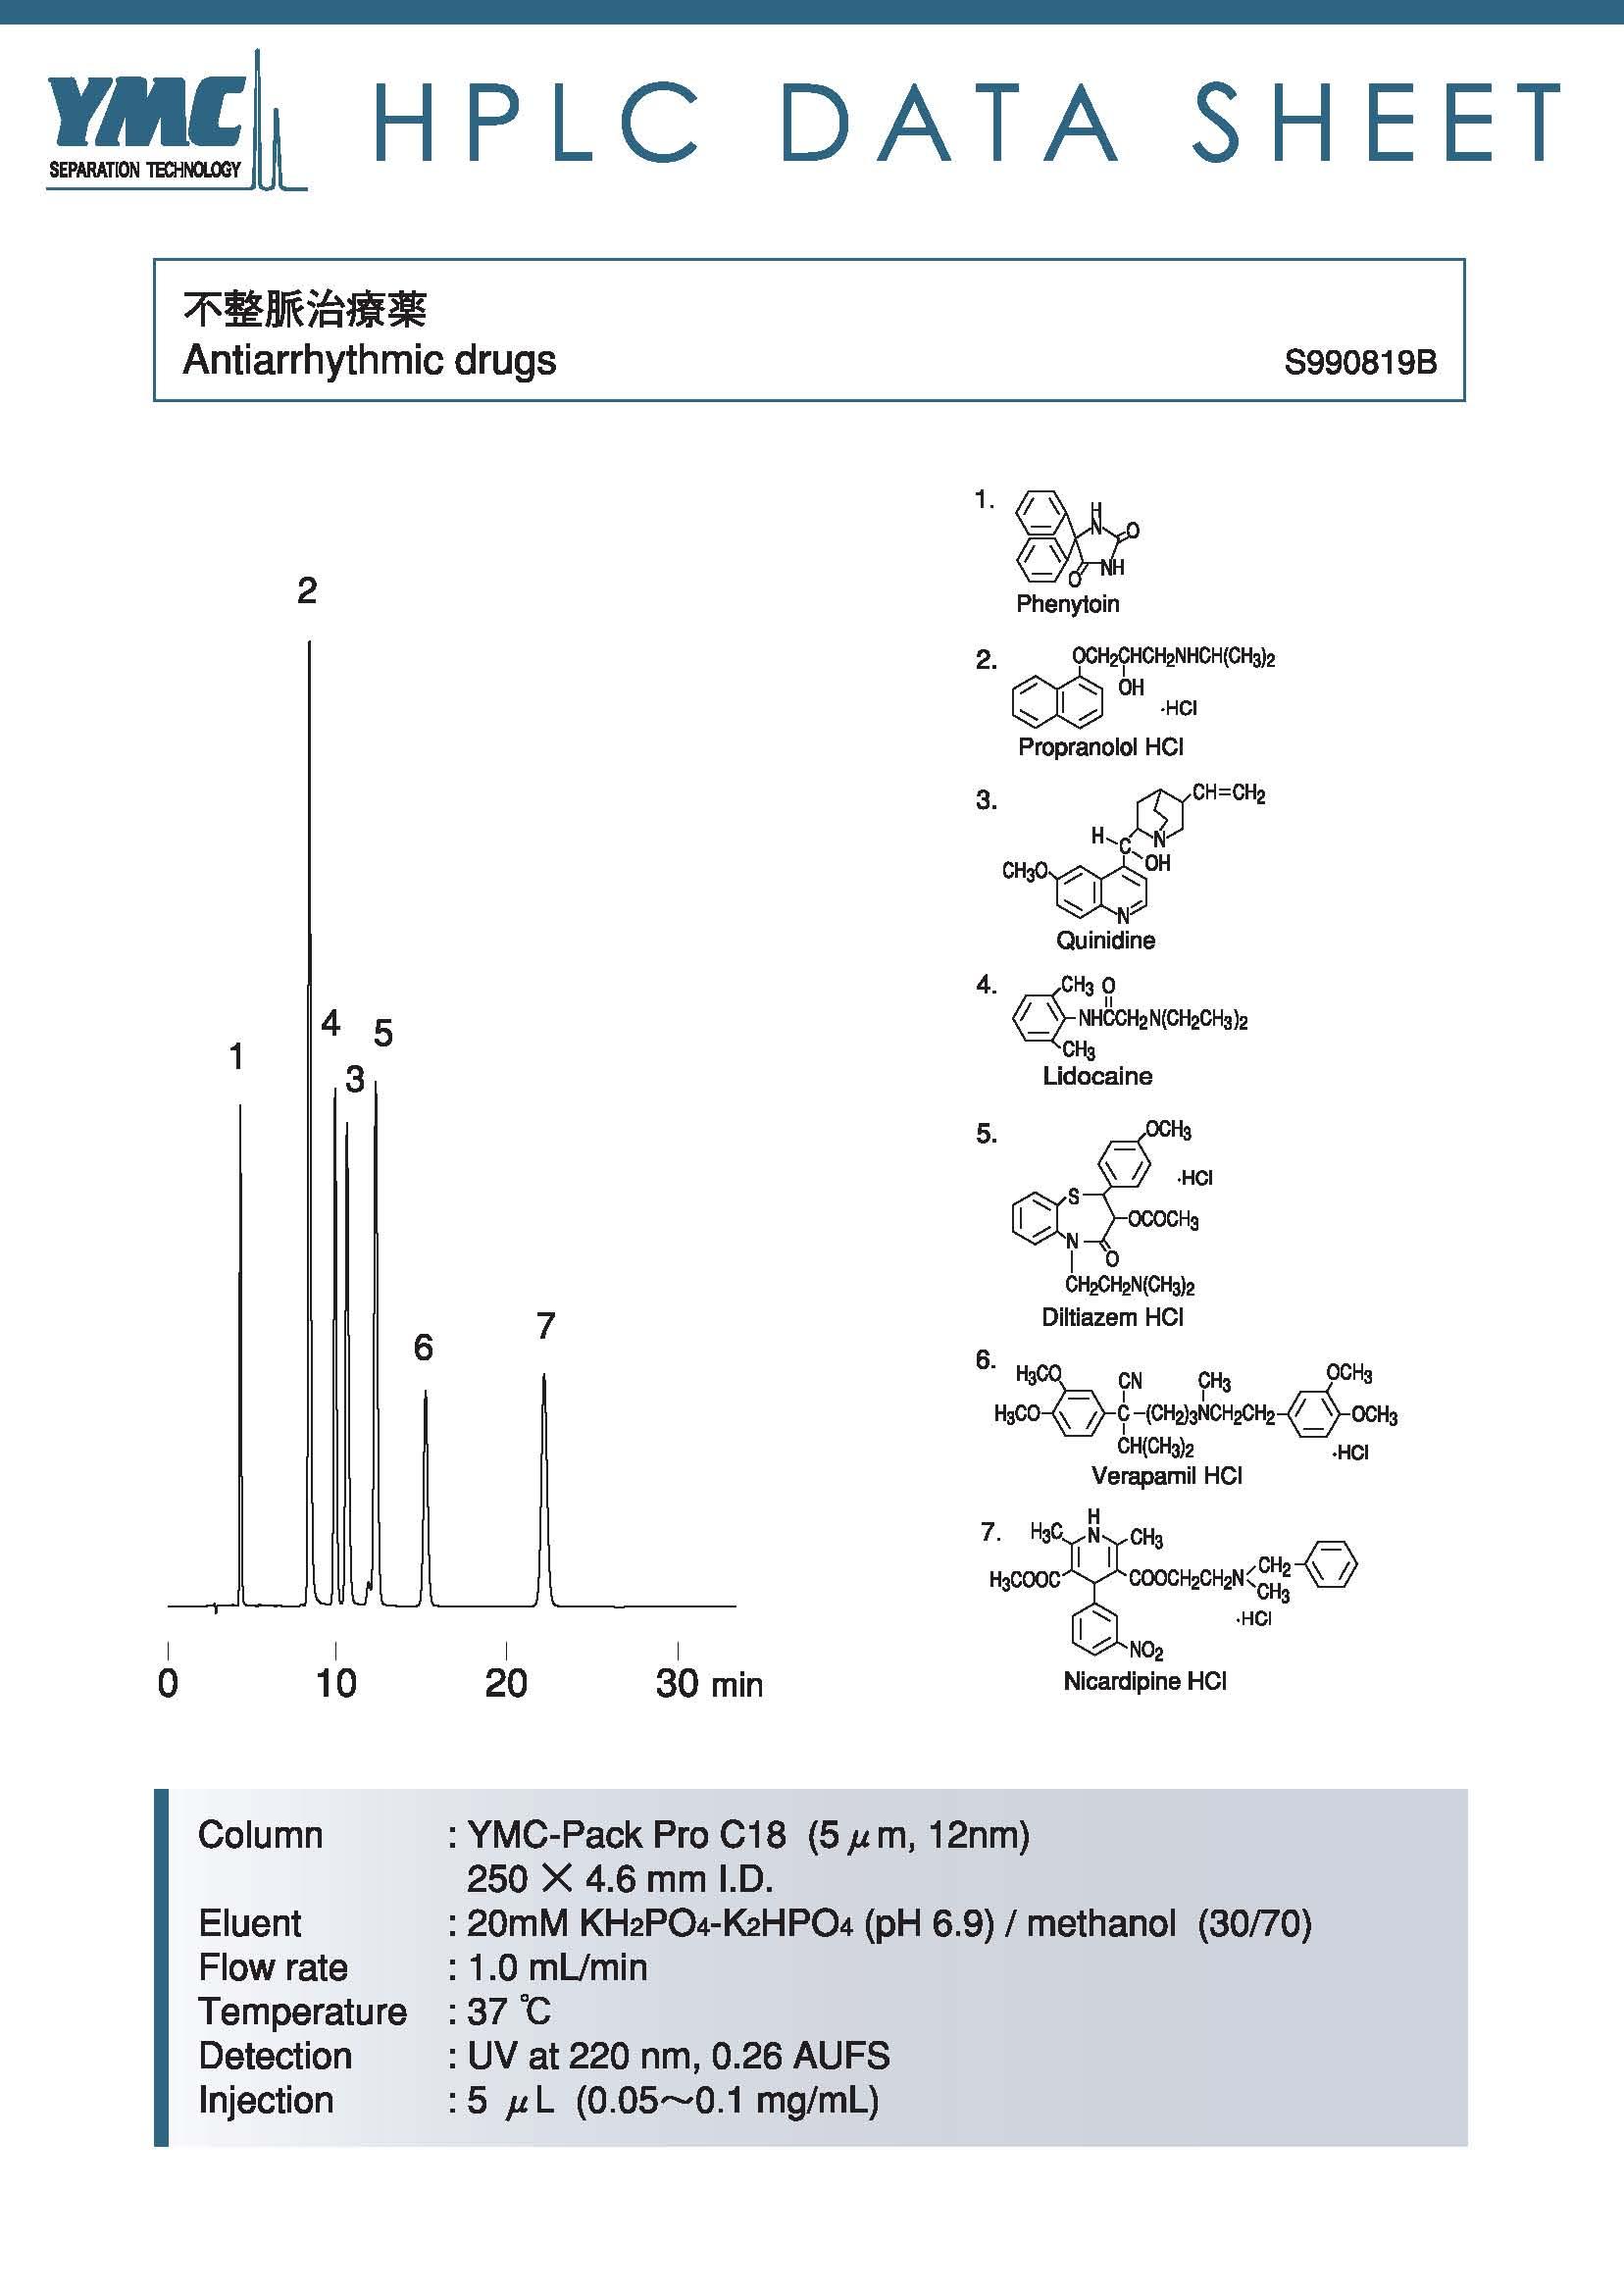 AS12S05-2546WT分离抗心律失常药